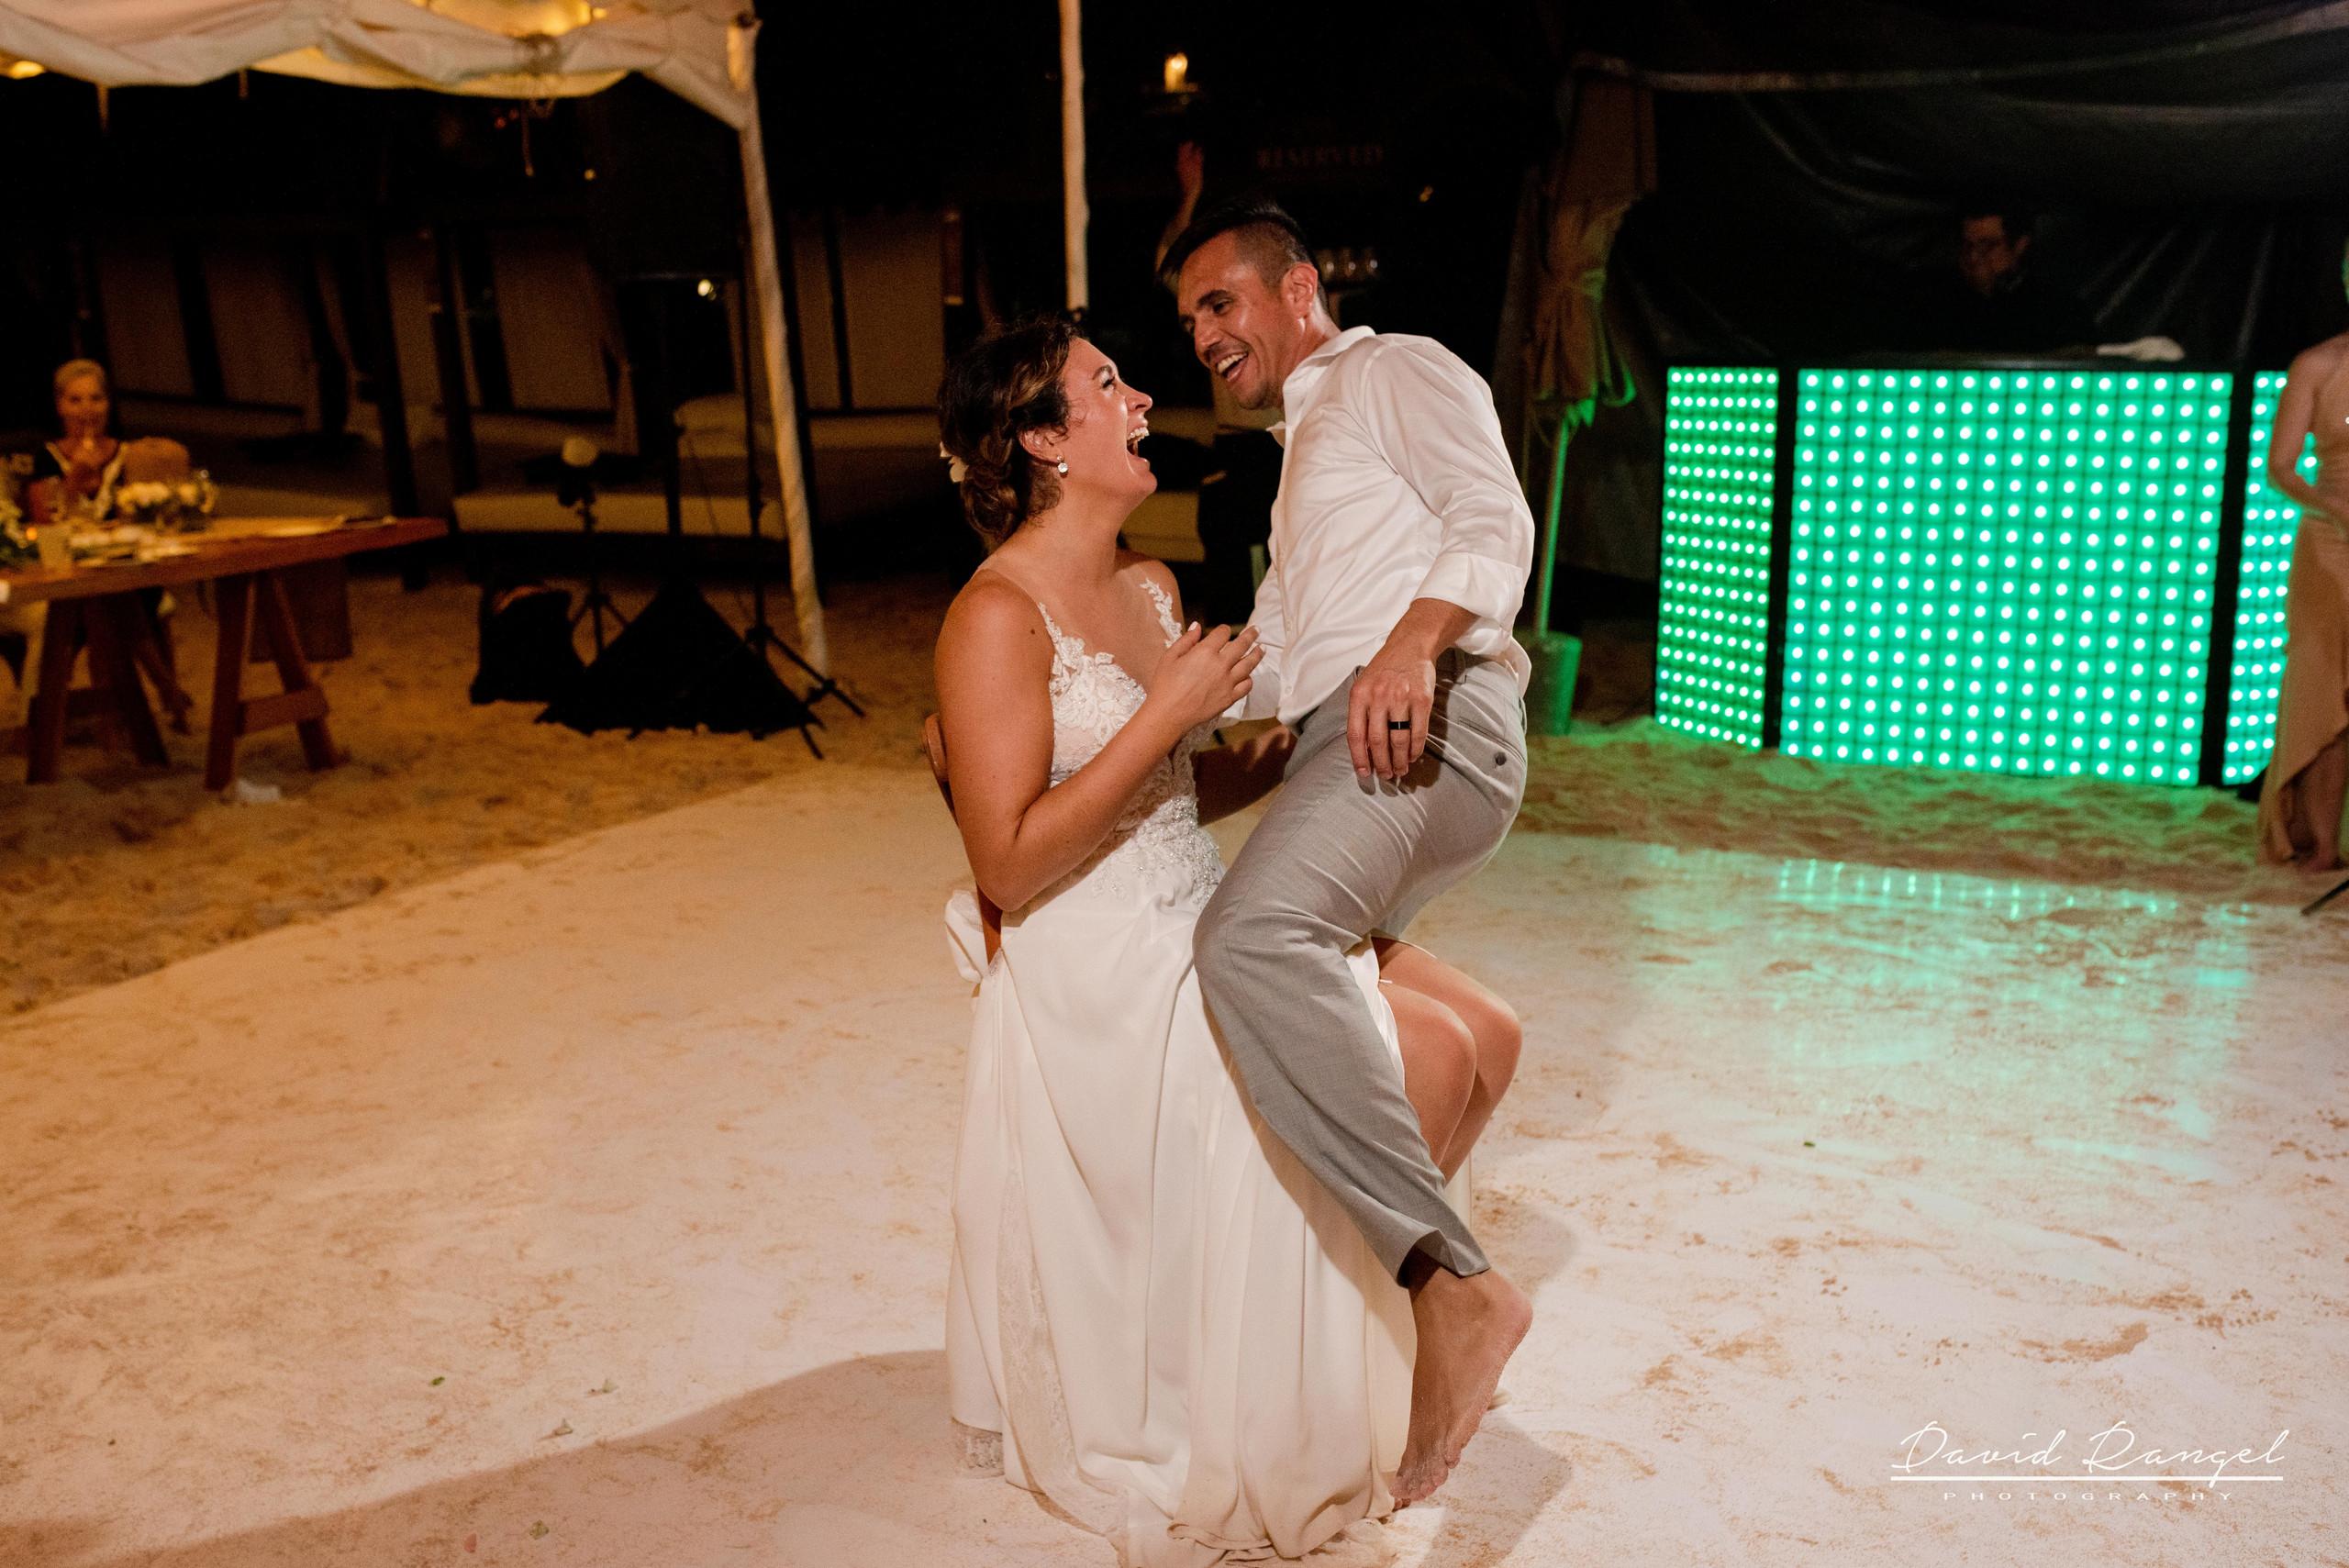 wedding+dance+party+guest+happy+reception+garder+toast+bride+groom